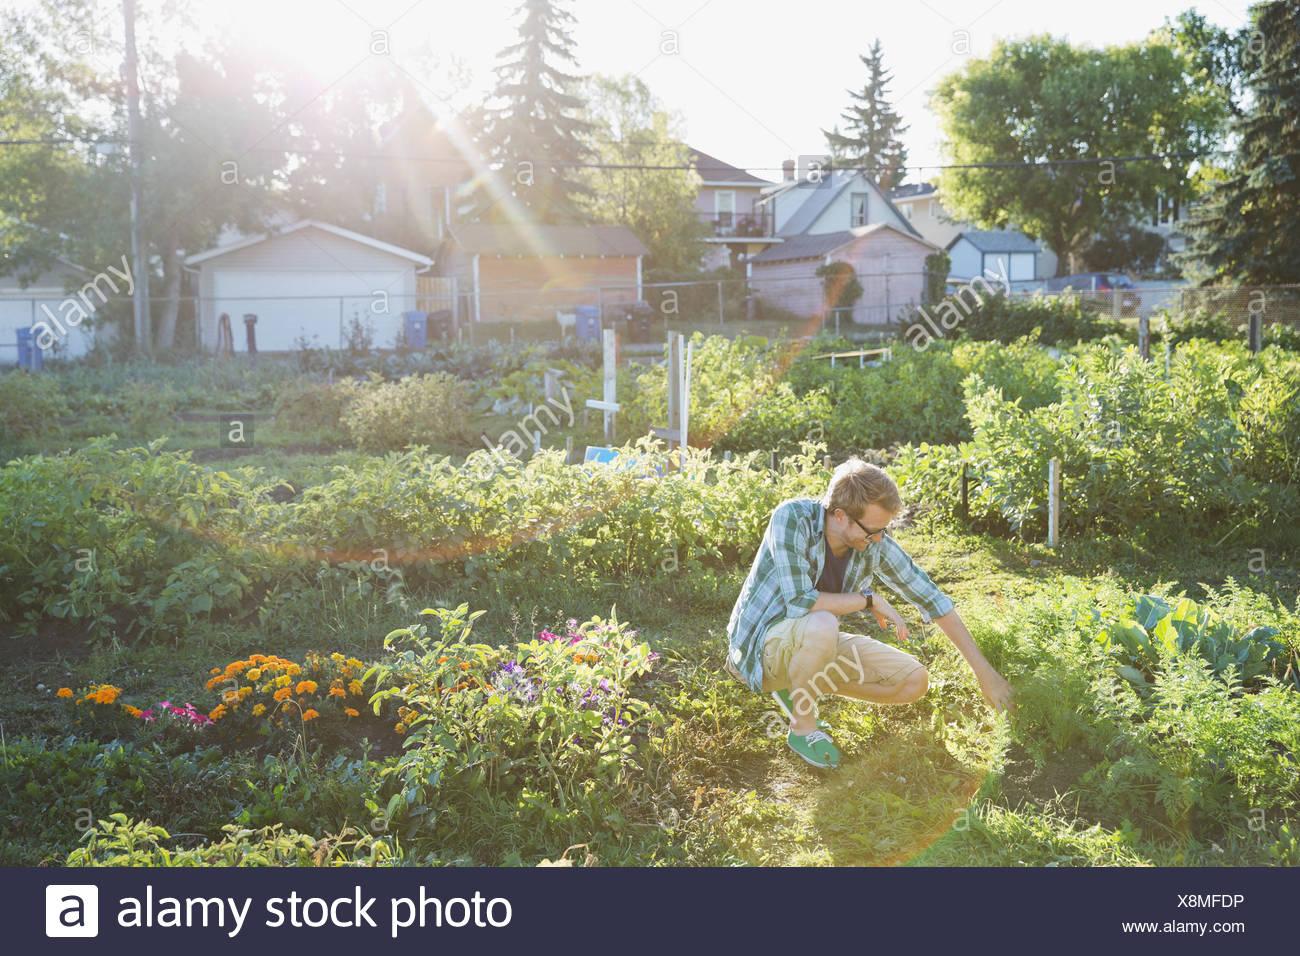 Man bent over in community garden - Stock Image